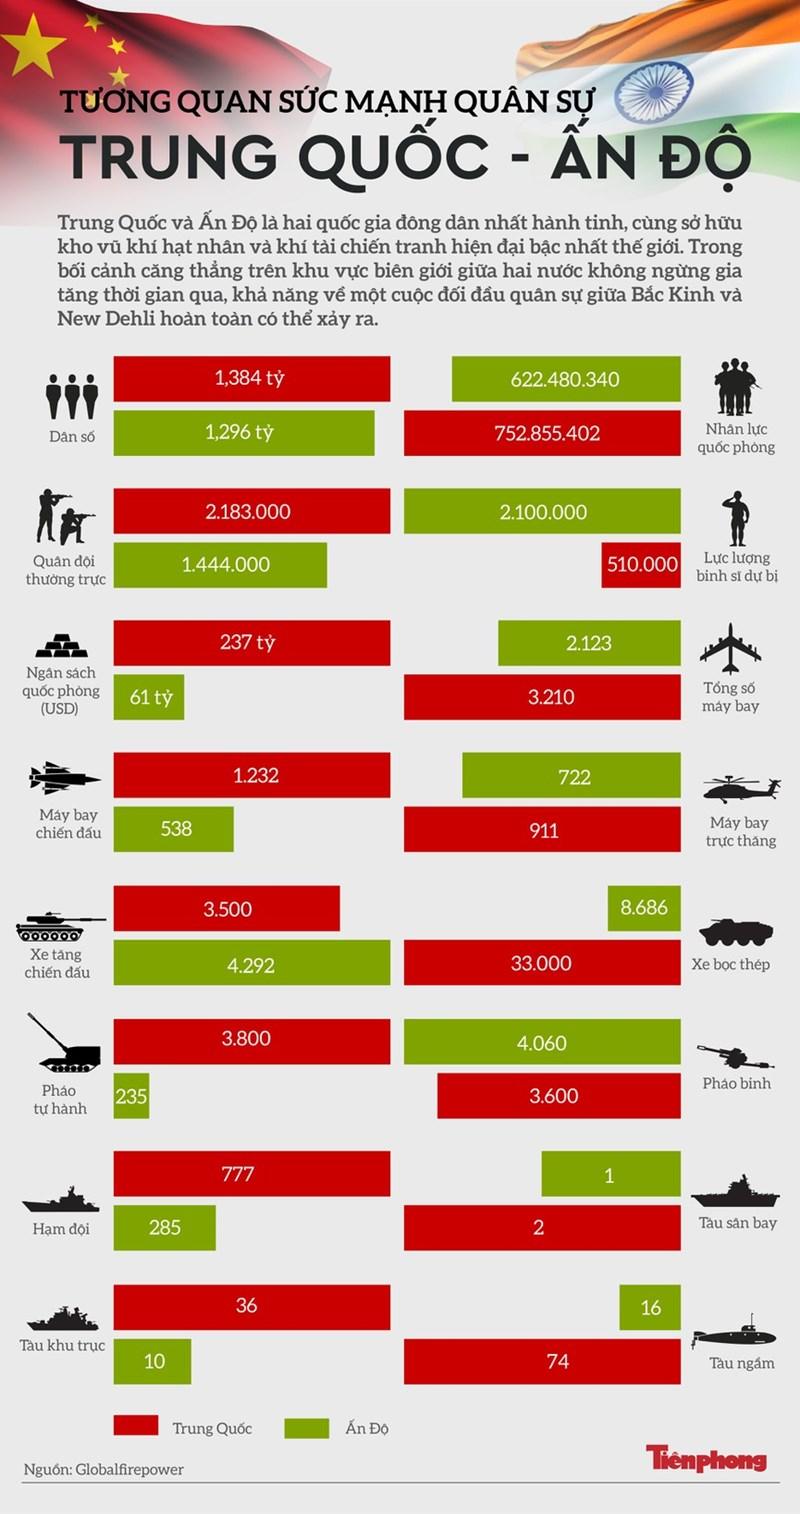 [Infographics] Tương quan sức mạnh quân sự Trung Quốc - Ấn Độ - Ảnh 1